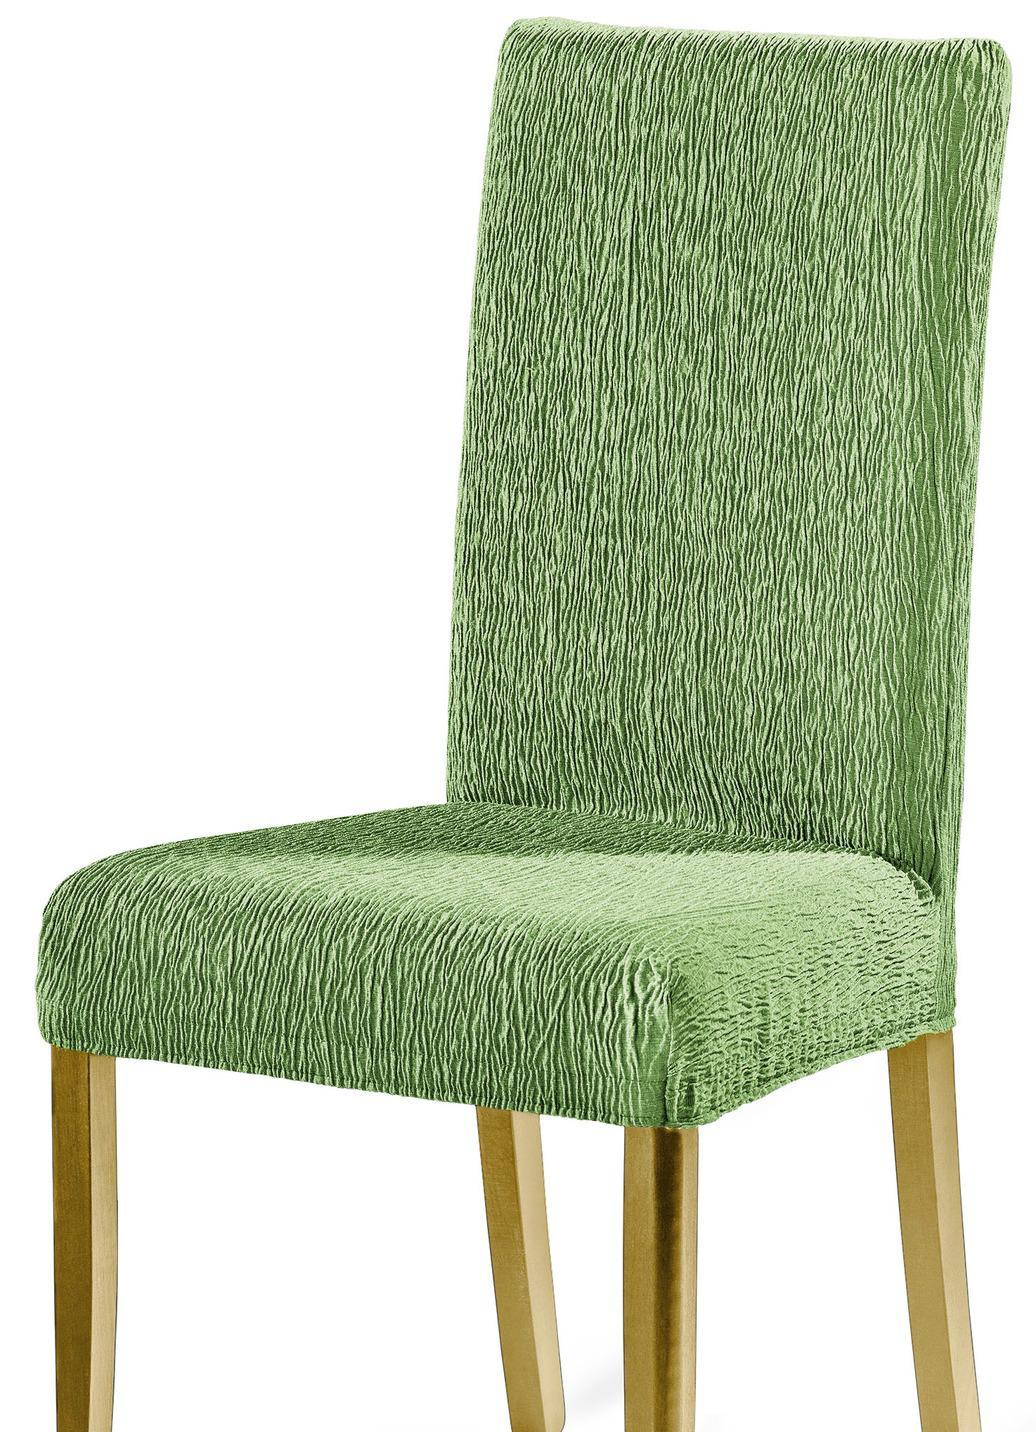 Stuhlbezüge in beliebter Stretch-Qualität, Größe 106 (Stuhlbezug), Grün